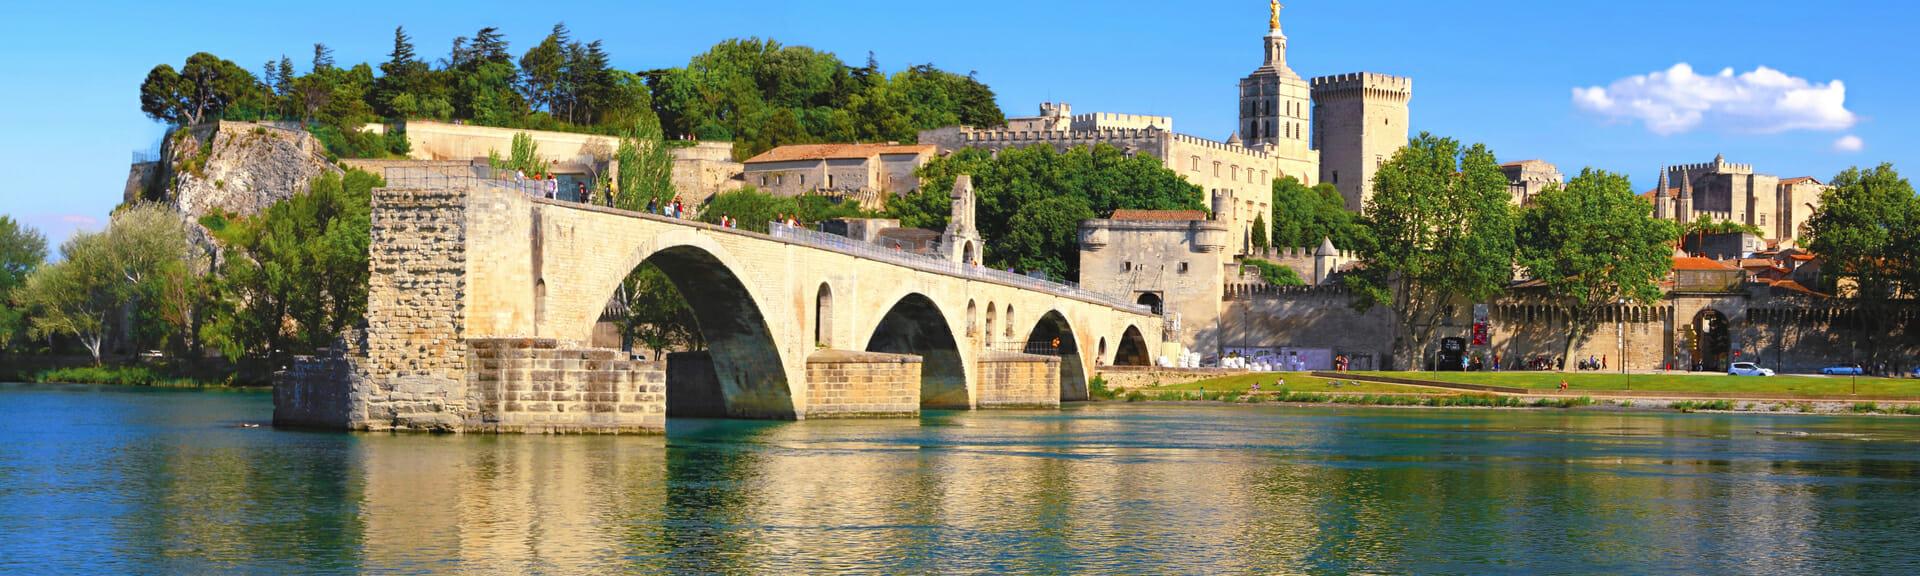 Klassenfahrt Provence Avignon Papstpalast und Brücke Saint Bénézet